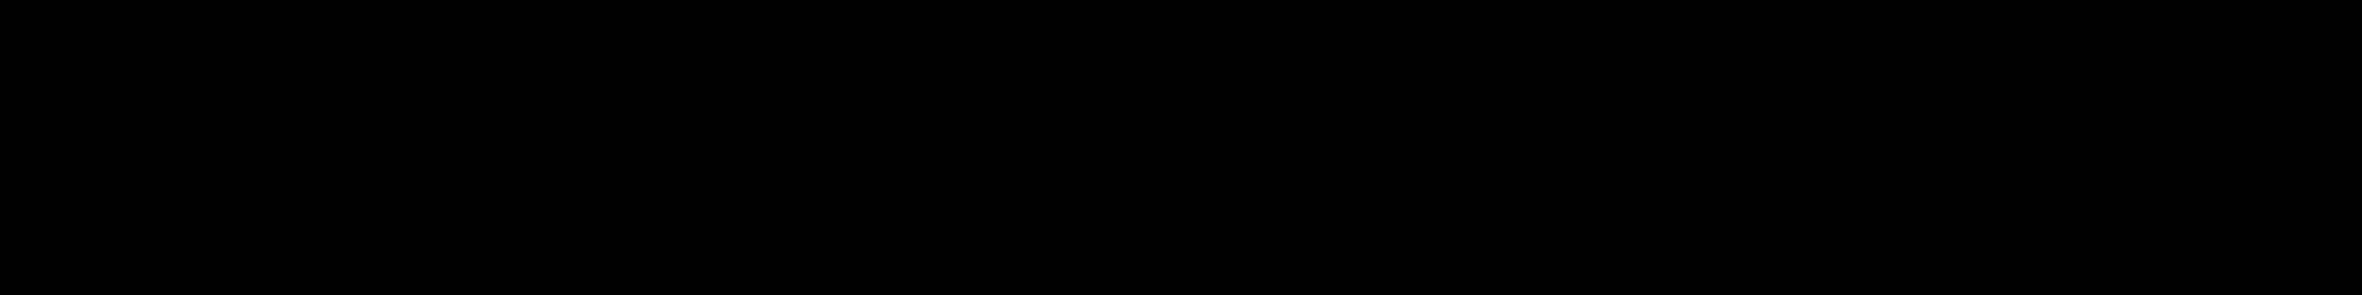 Zero_Groovenatics_logo